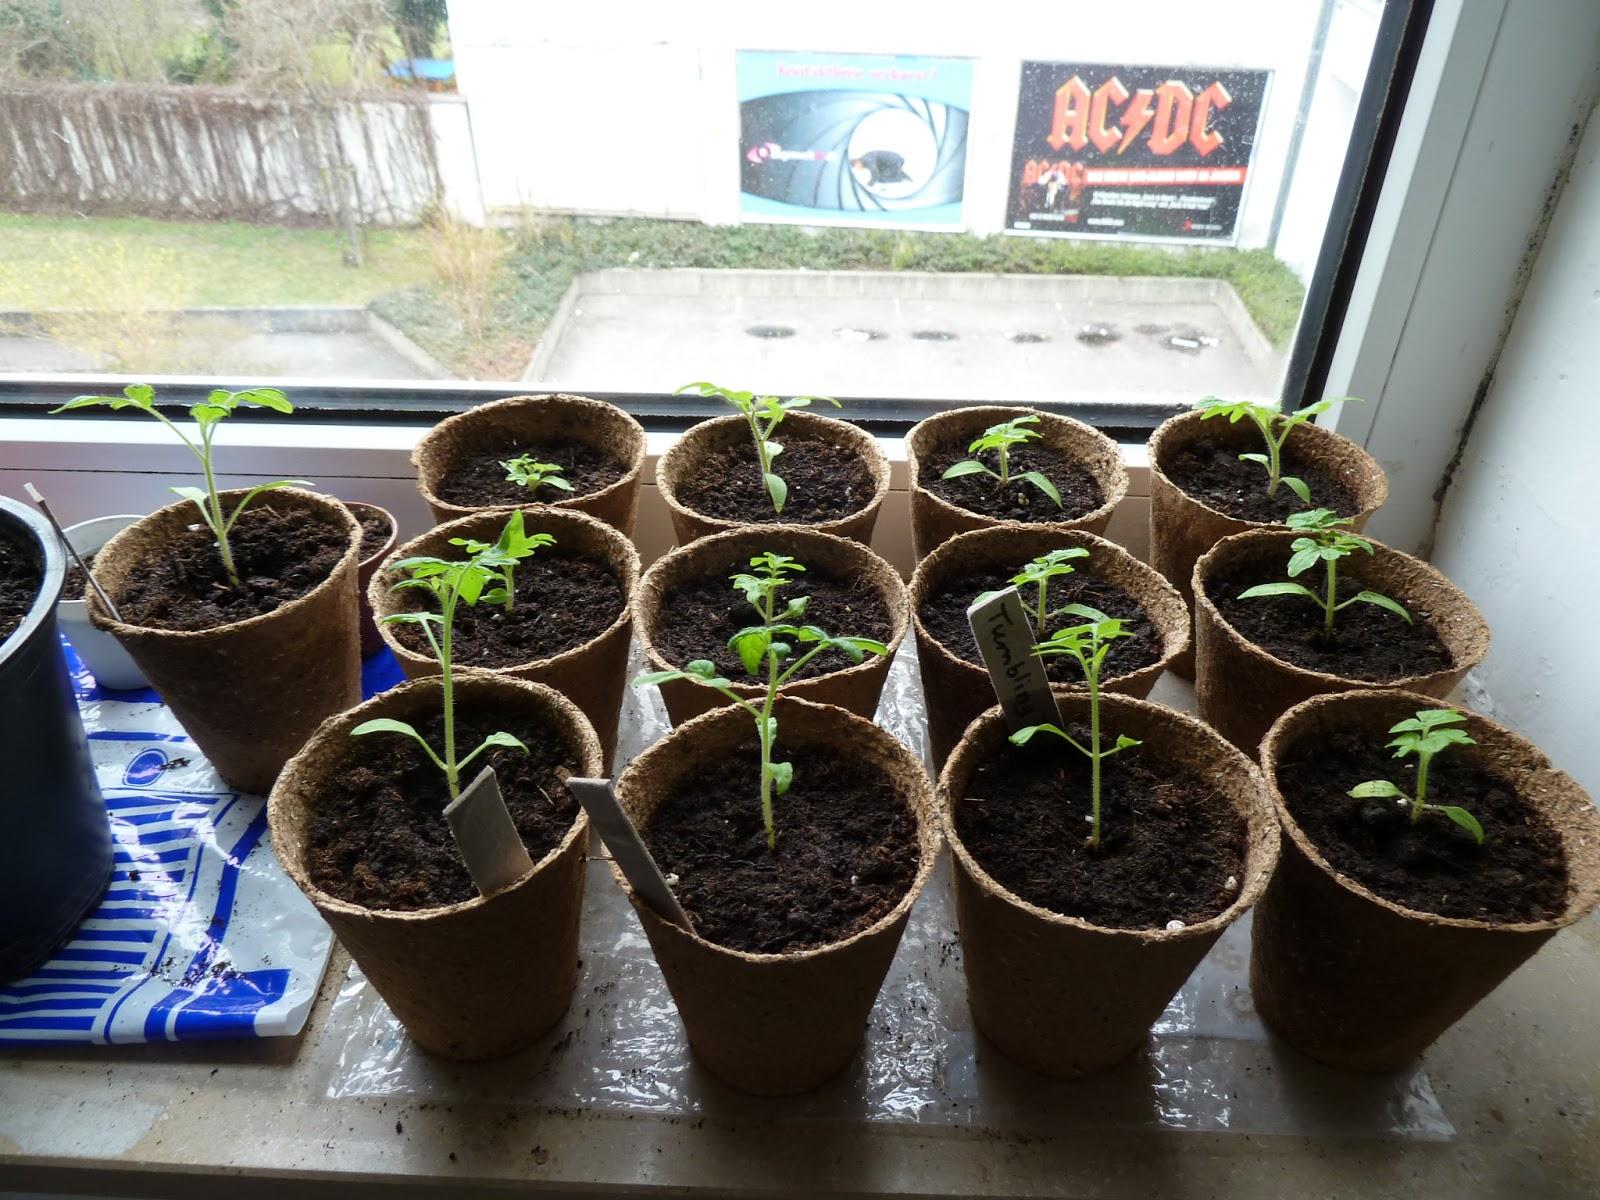 tomaten richtig pflanzen tomaten richtig pflanzen der gro e ratgeber tomaten richtig pflanzen. Black Bedroom Furniture Sets. Home Design Ideas